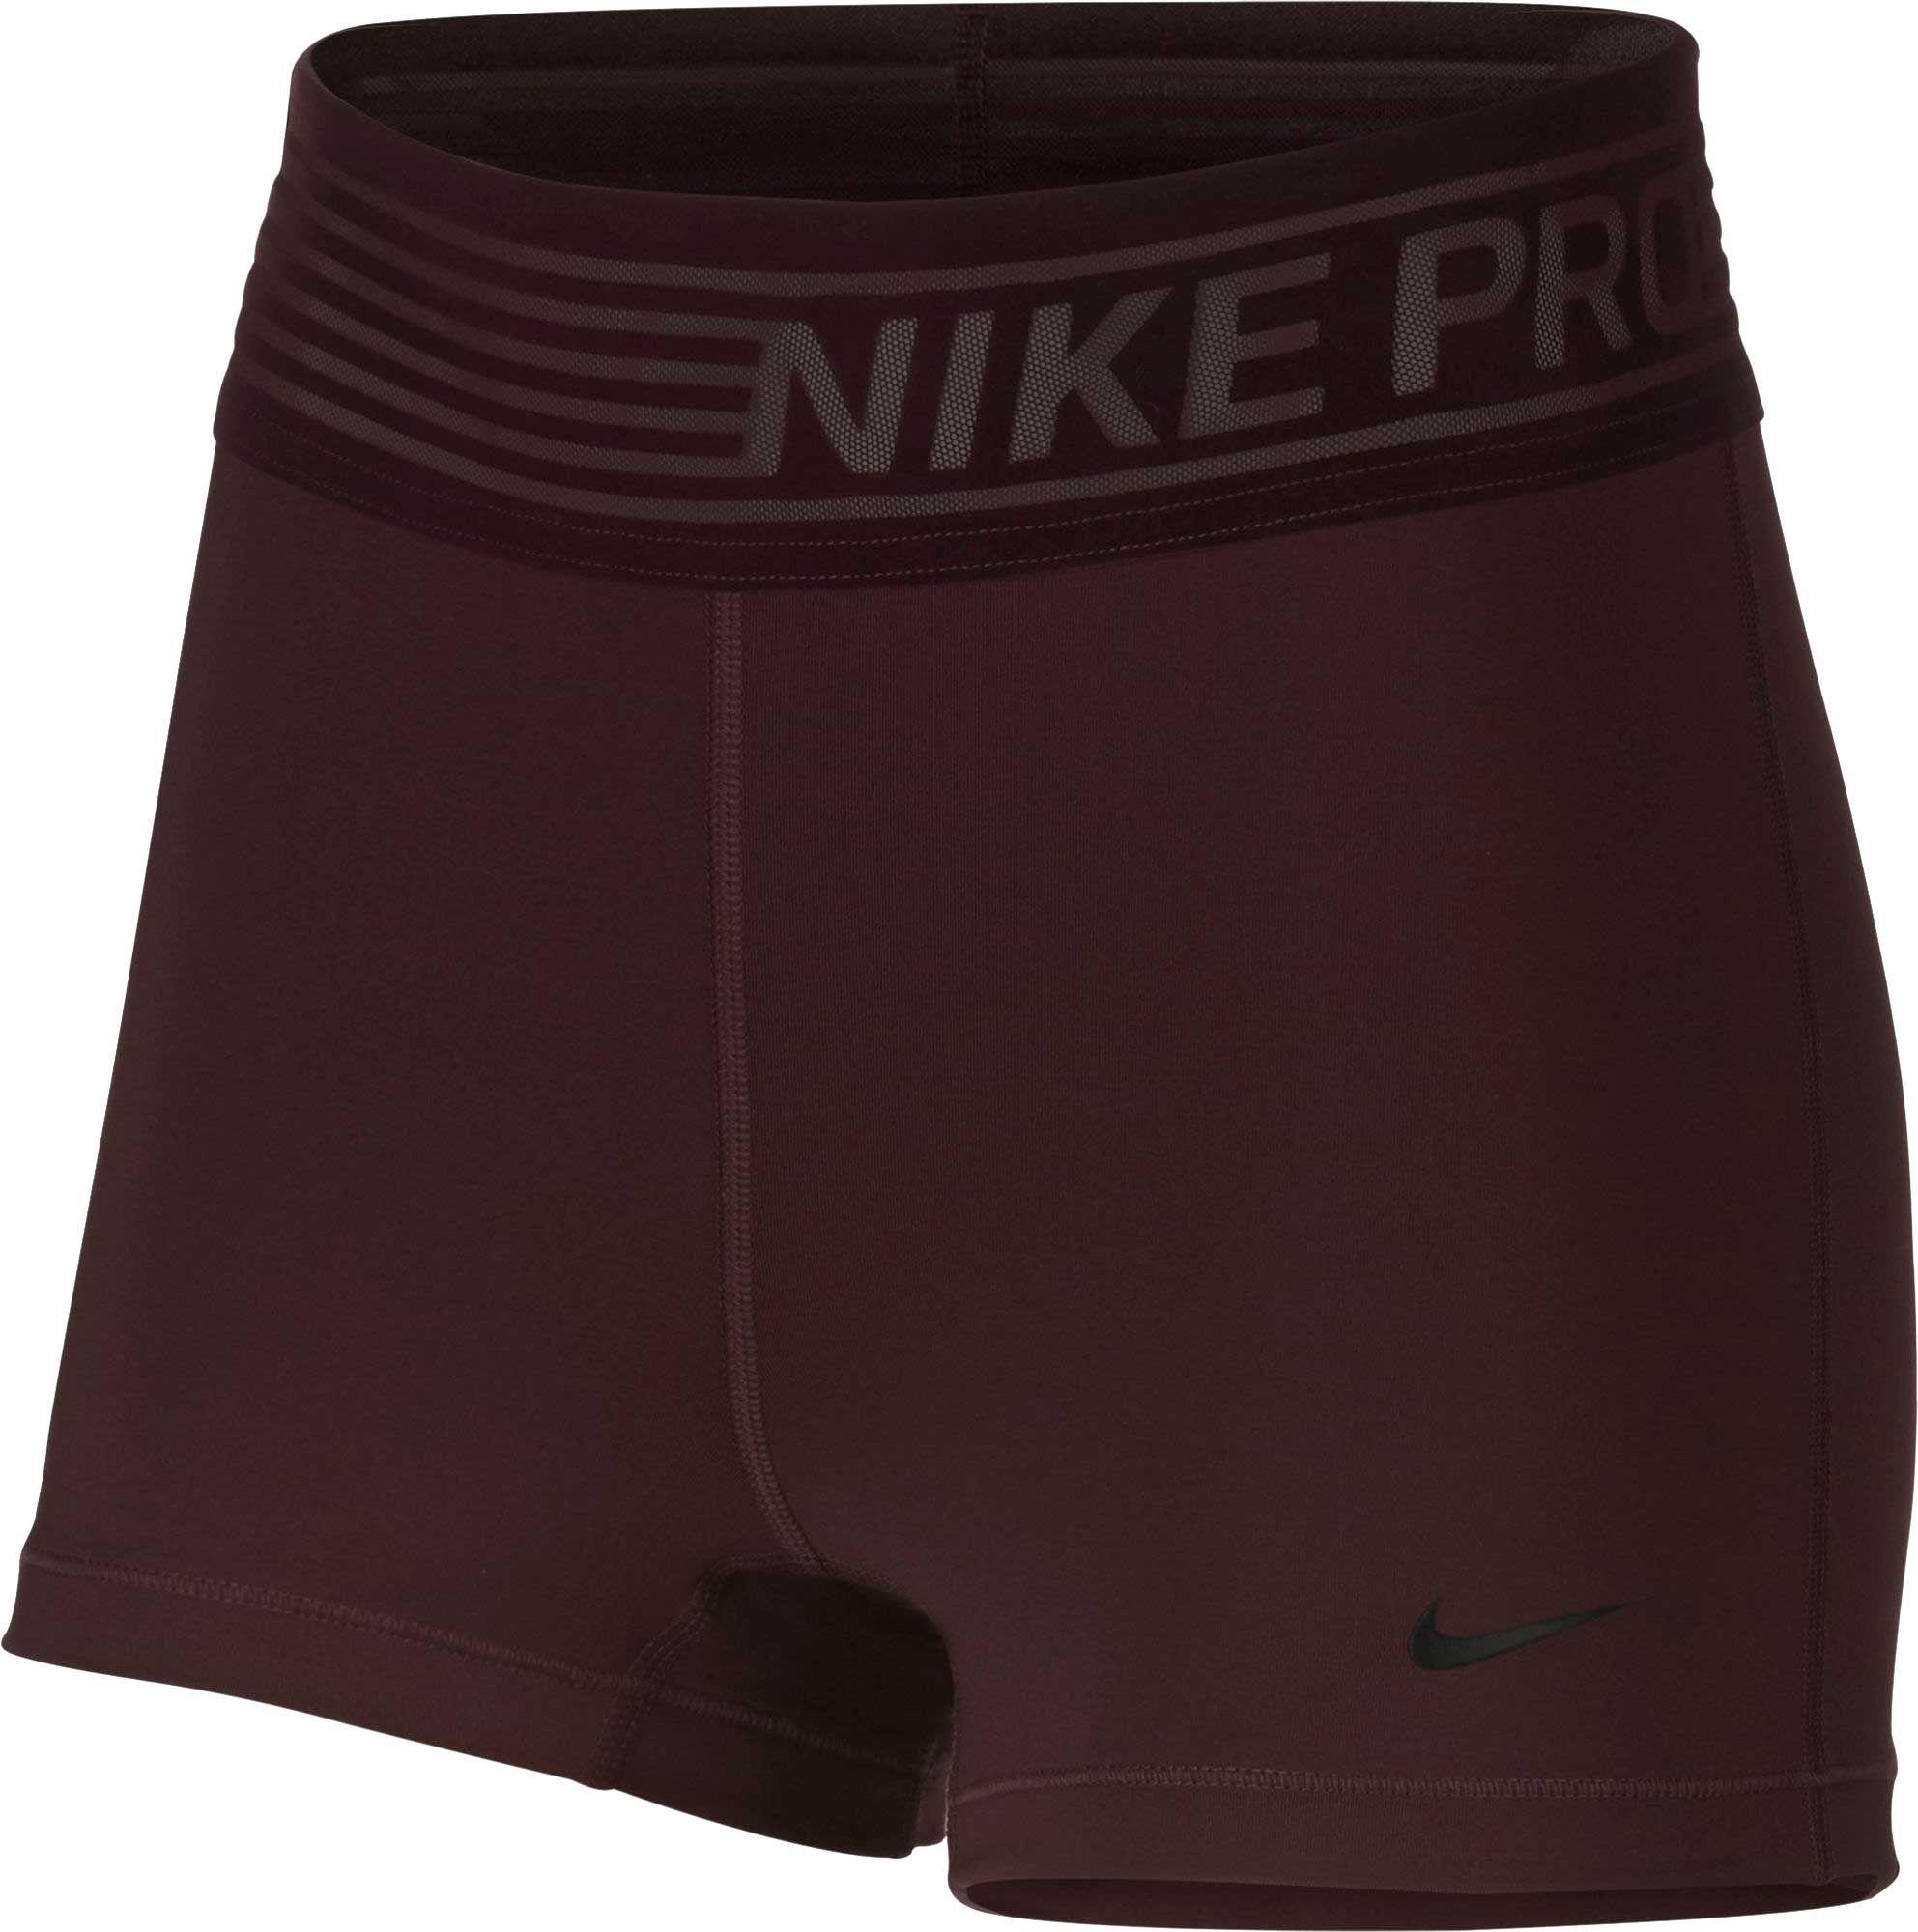 Nike Women S Pro Deluxe 3 Shorts Cute Nike Shoes Nike Women White Nike Shoes